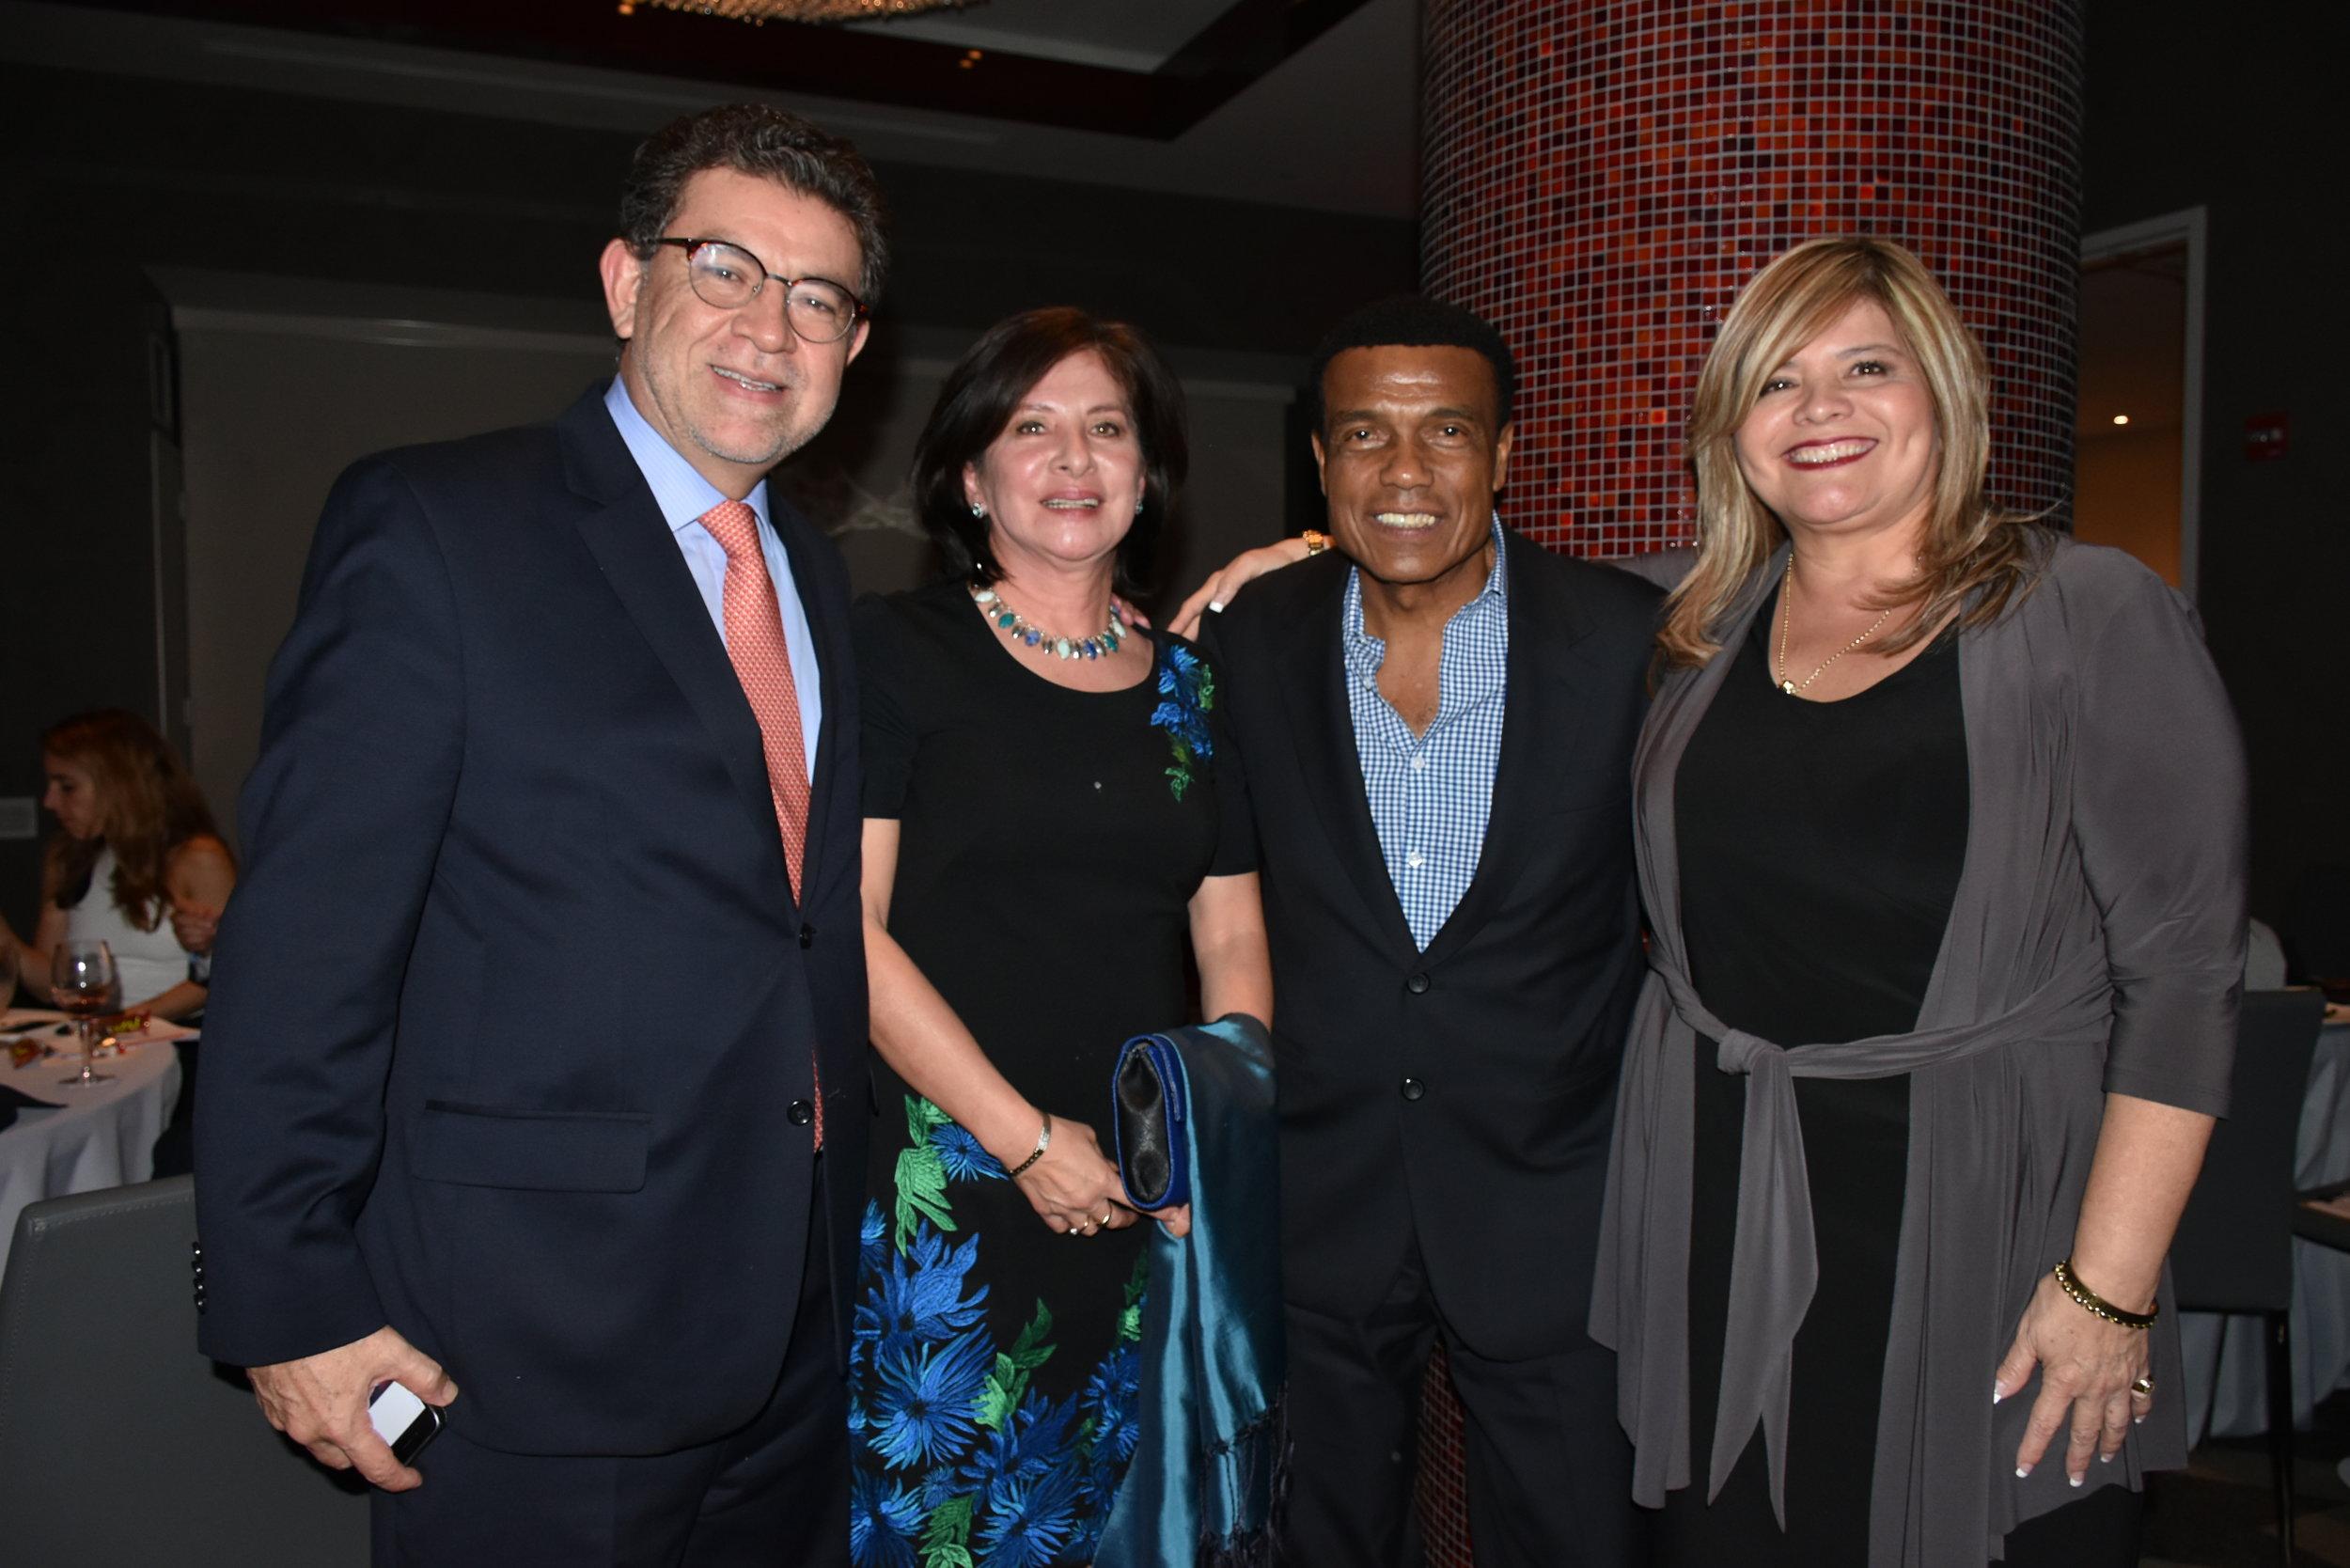 DSC_5083 - Gustavo Meza Cuadra (Embajador ante las Naciones Unidas), Sonia Meza Cuadra, Teofilo Cubillas y Melvi Davila.JPG